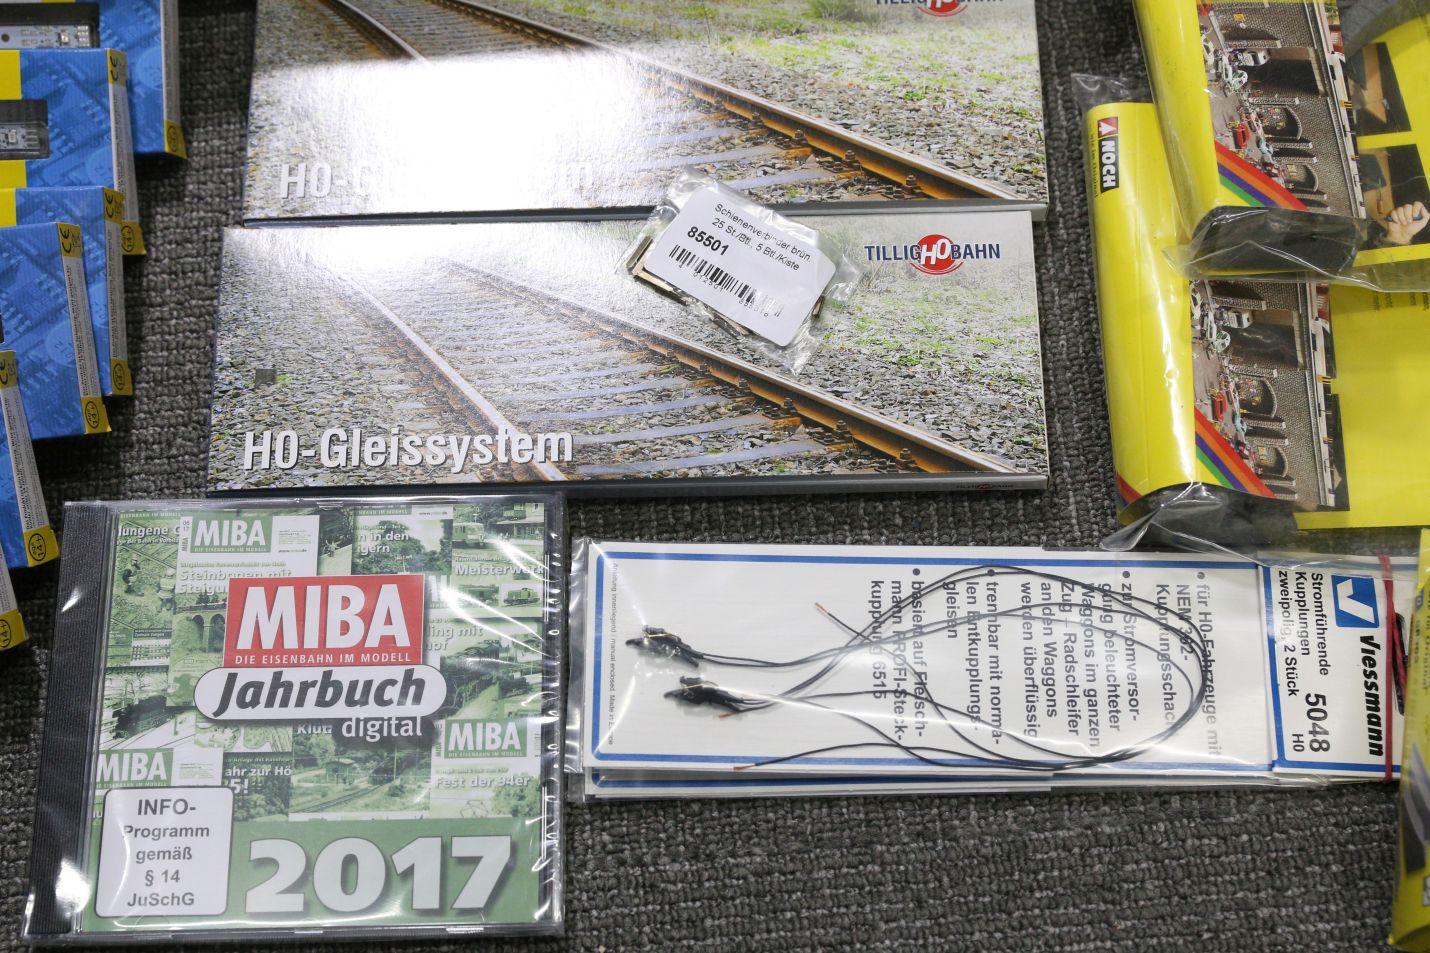 Ein Jahr MIBA auf einen Klick MIBA Jahrbuch 2016